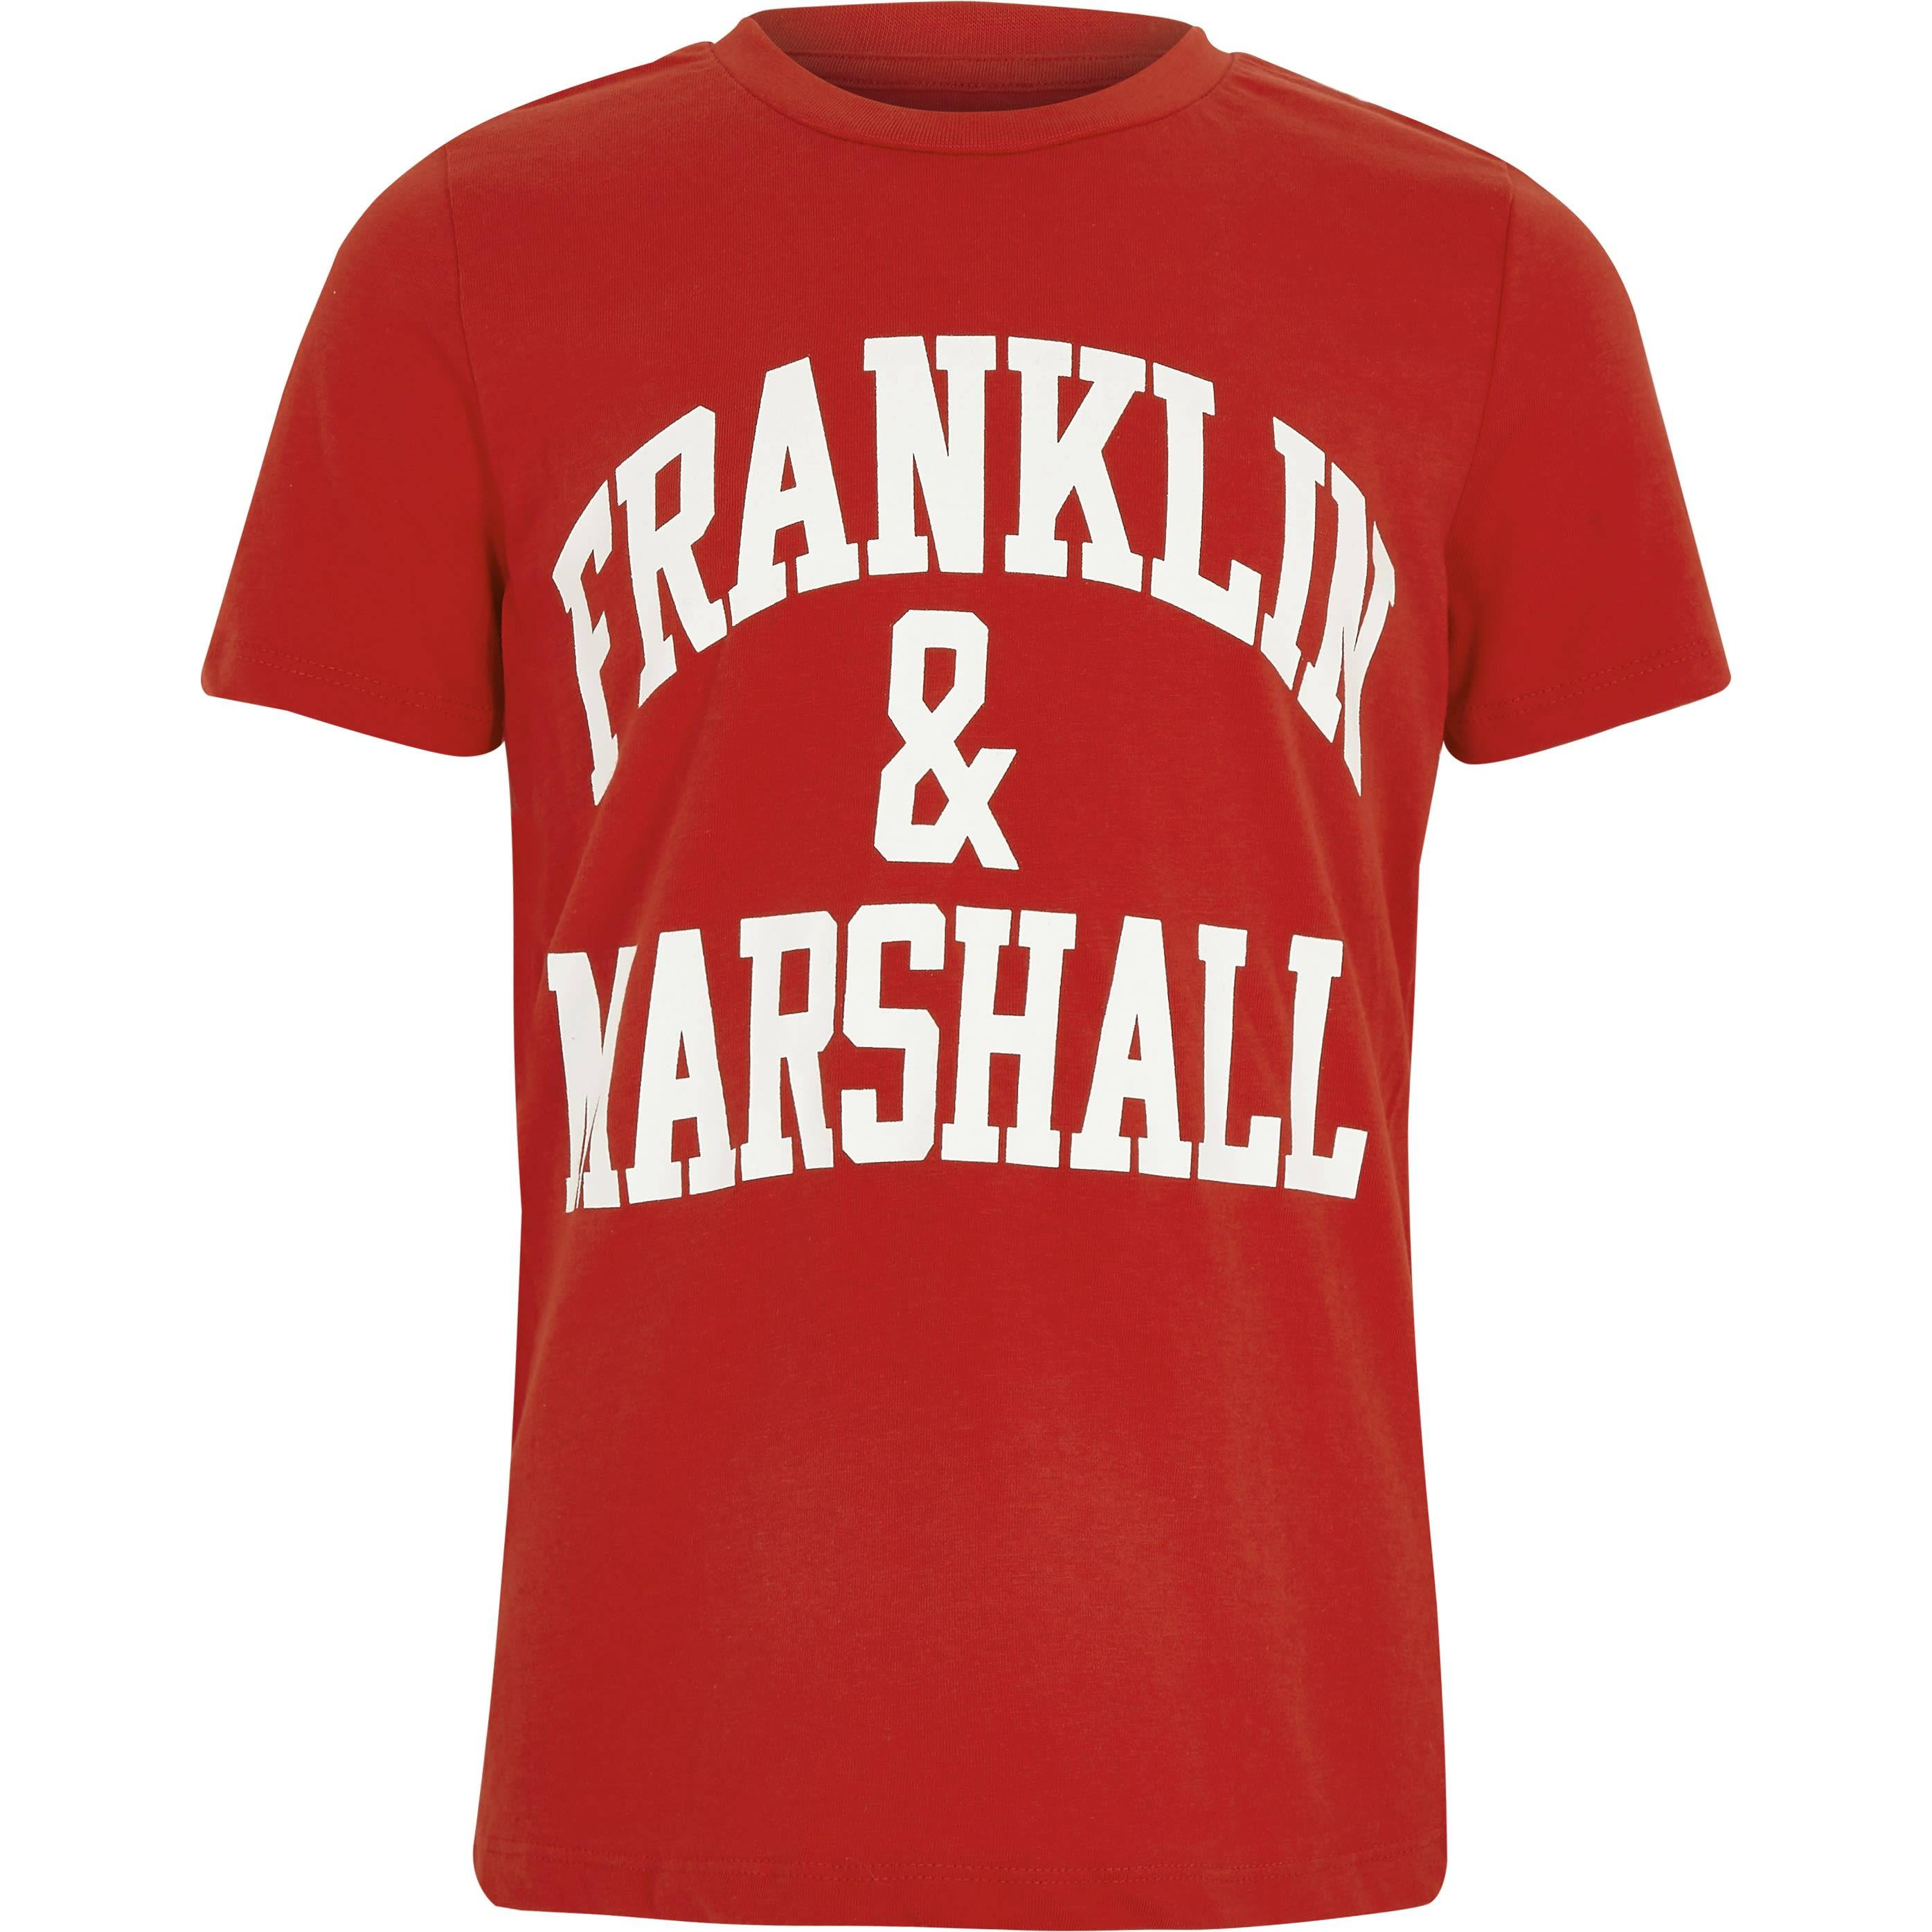 River Island Mens Boys Franklin & Marshall Red print T-shirt (10-11Yrs)